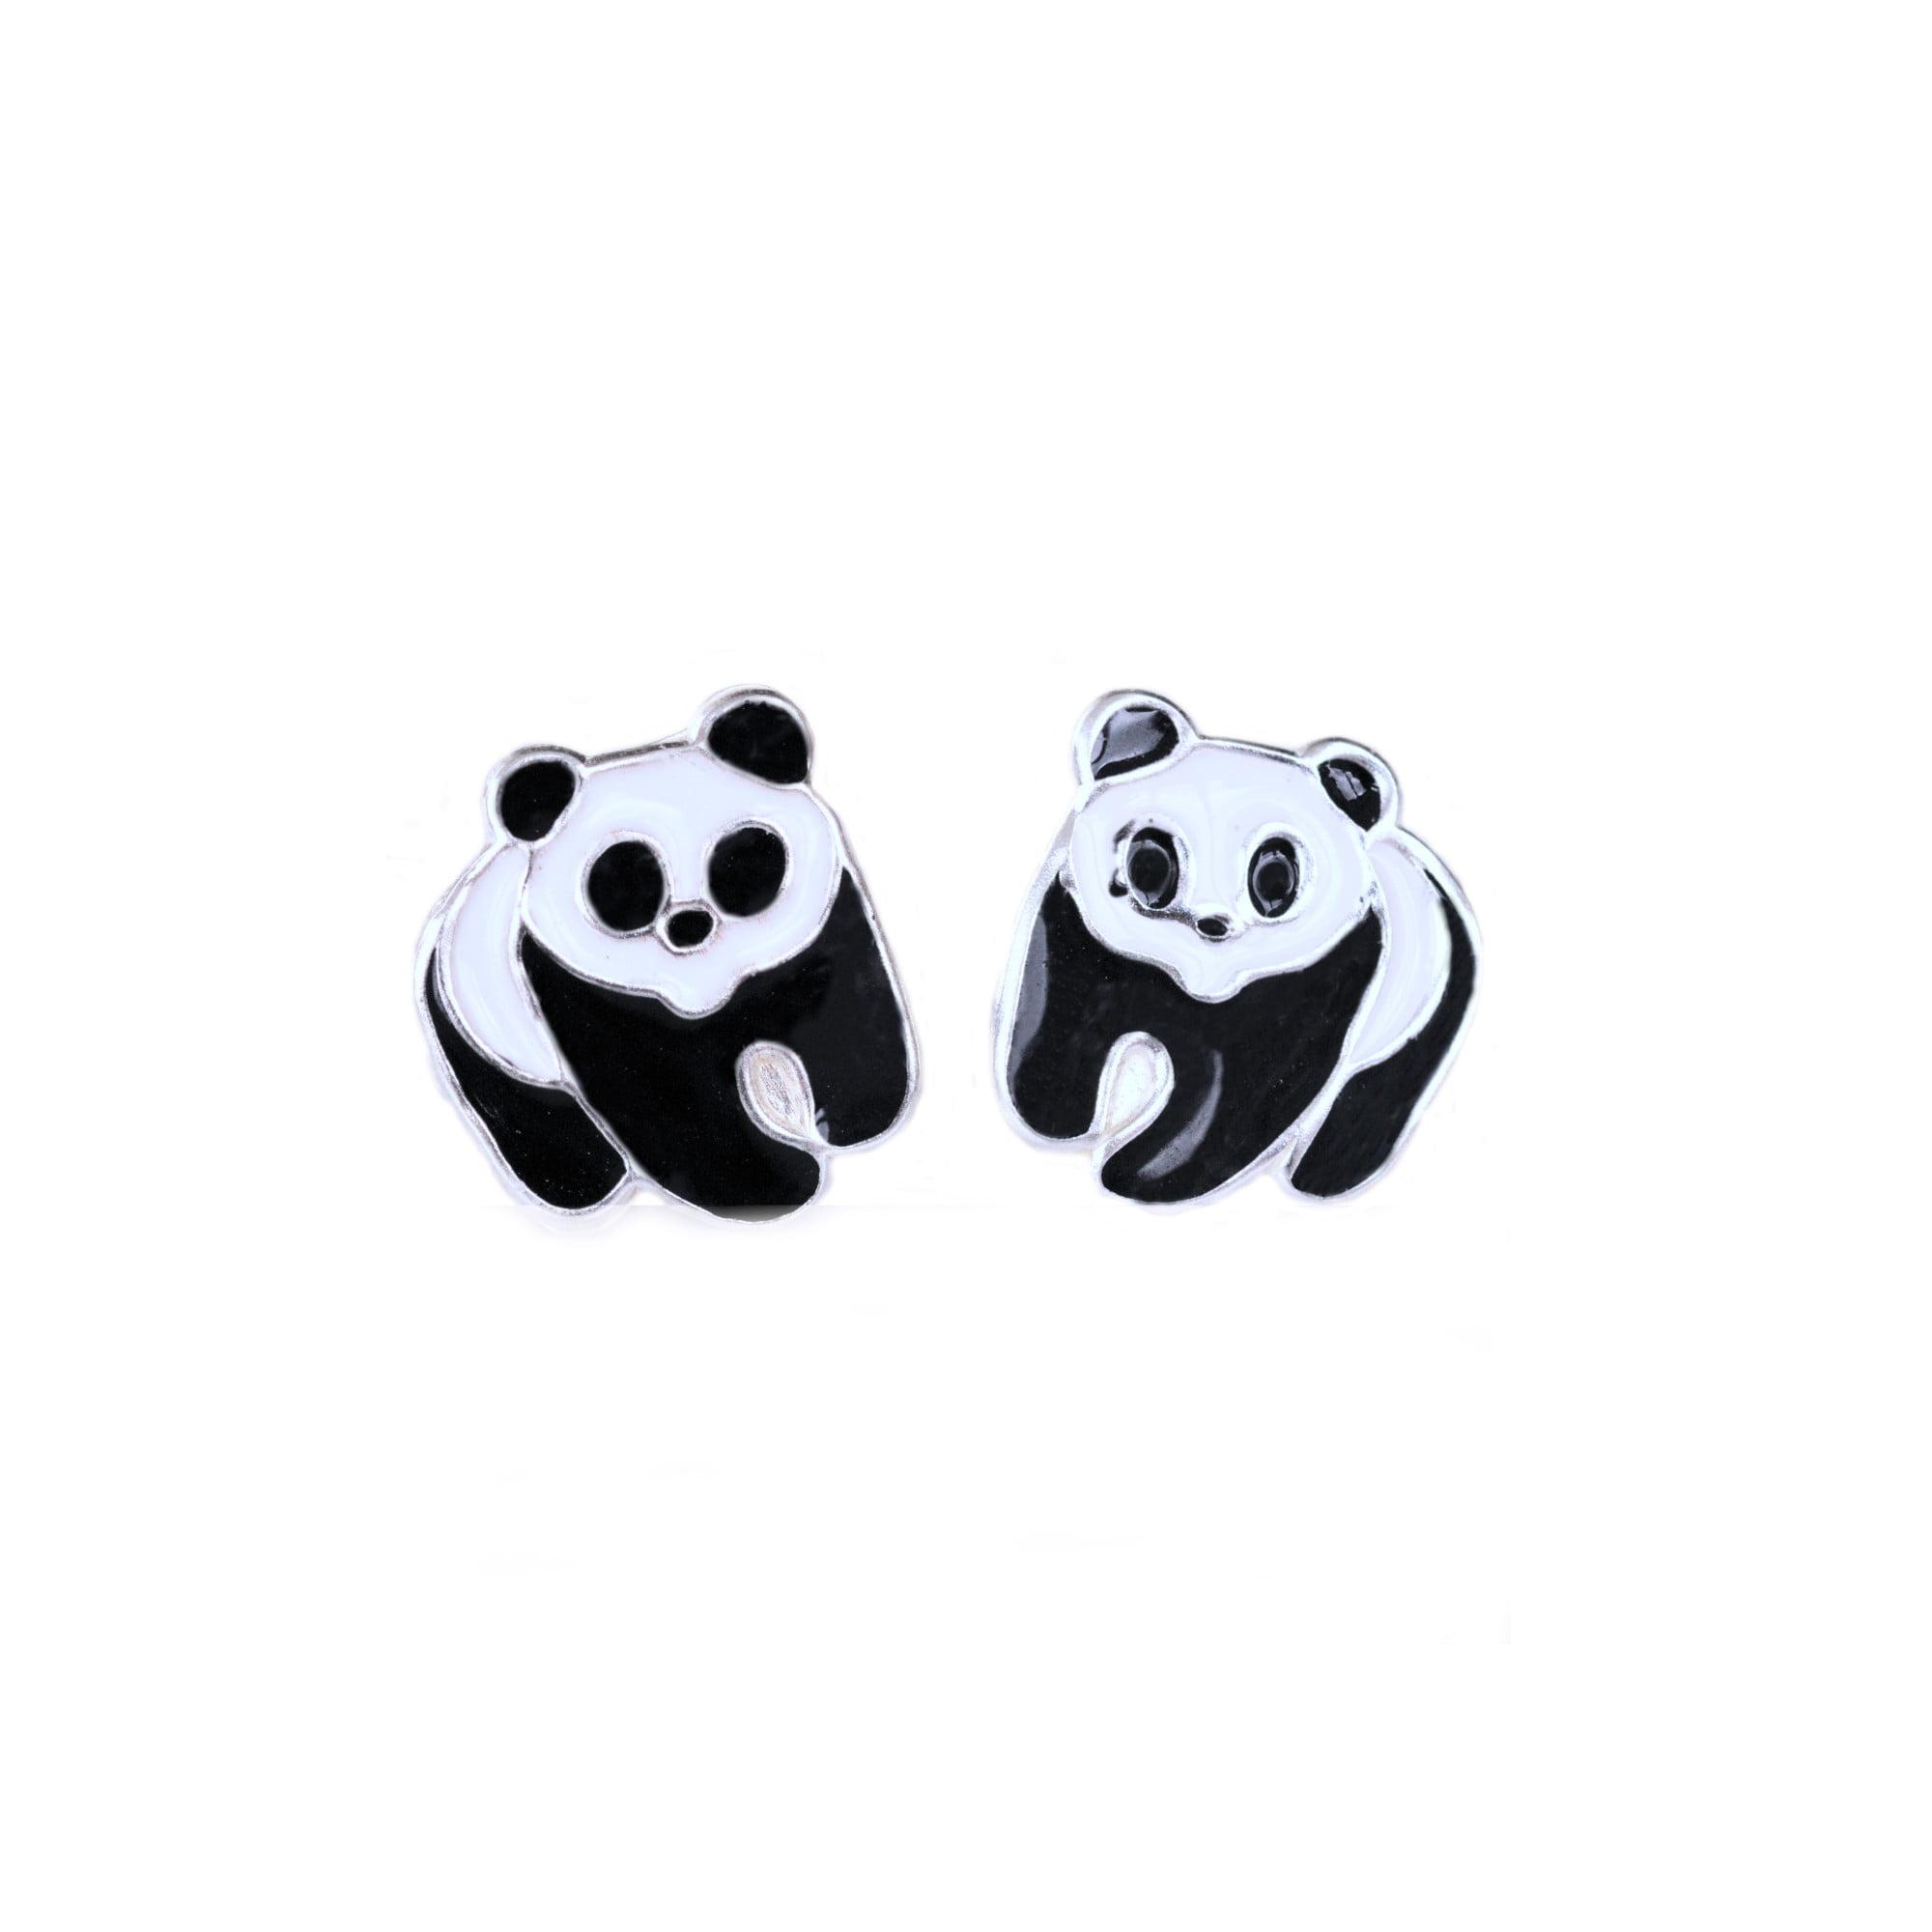 Panda earrings in sterling silver